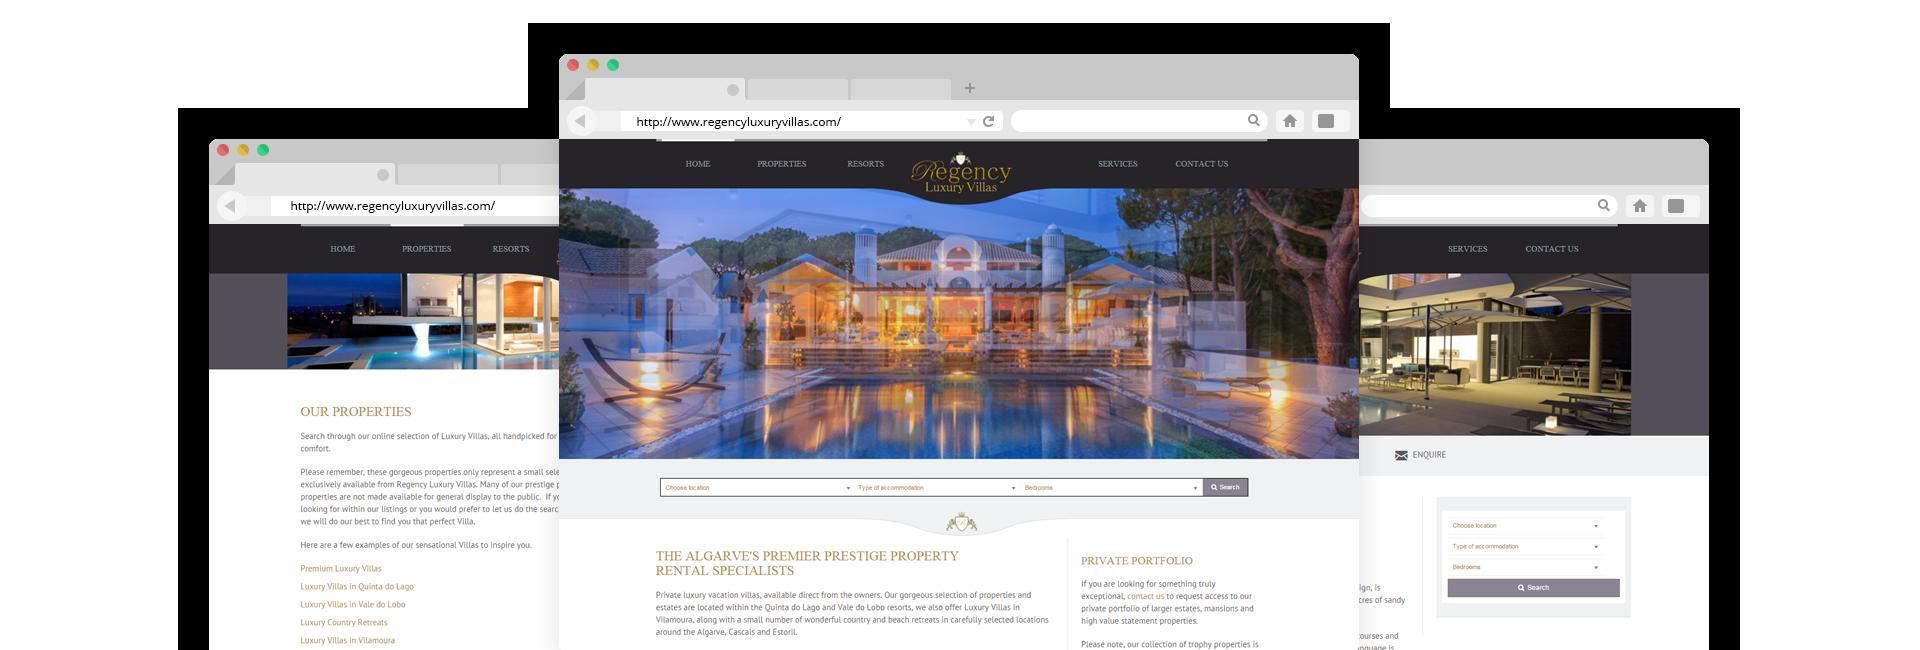 luxury-regency-villas